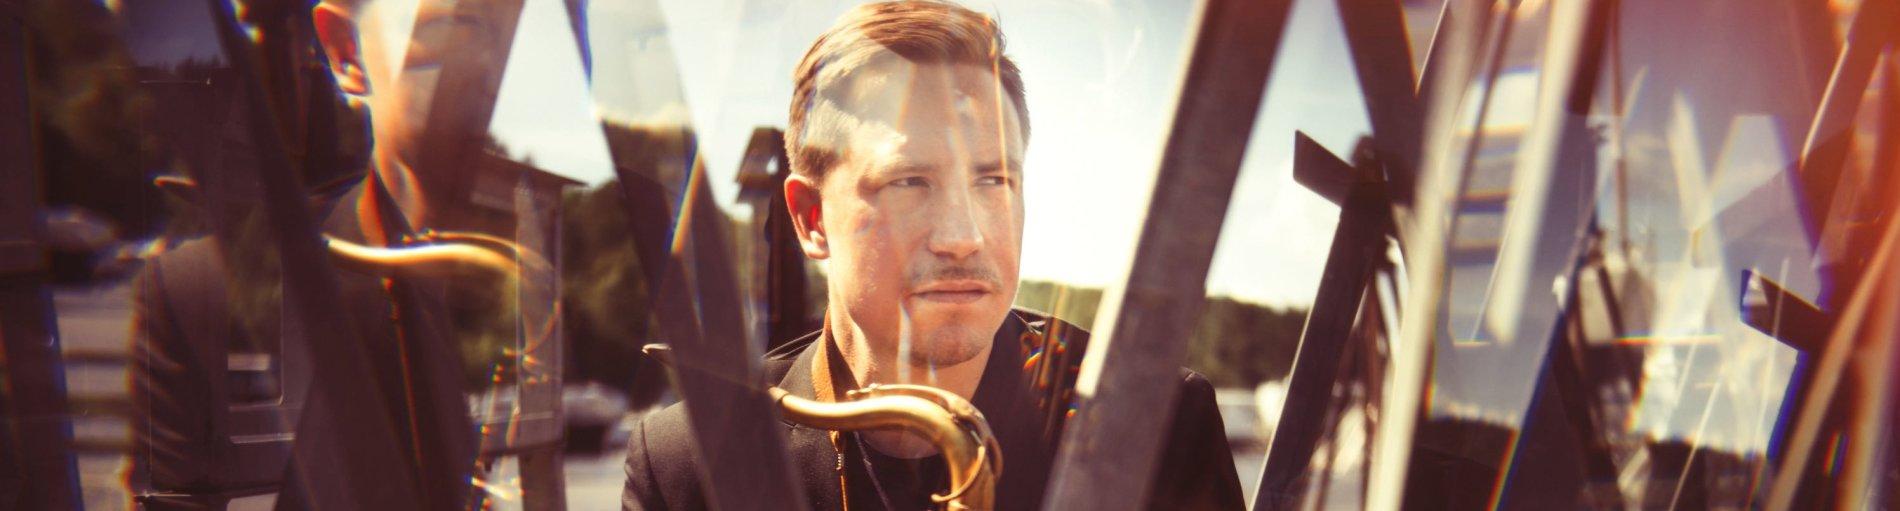 Der norwegische Jazzmusiker Håkon Kornstad